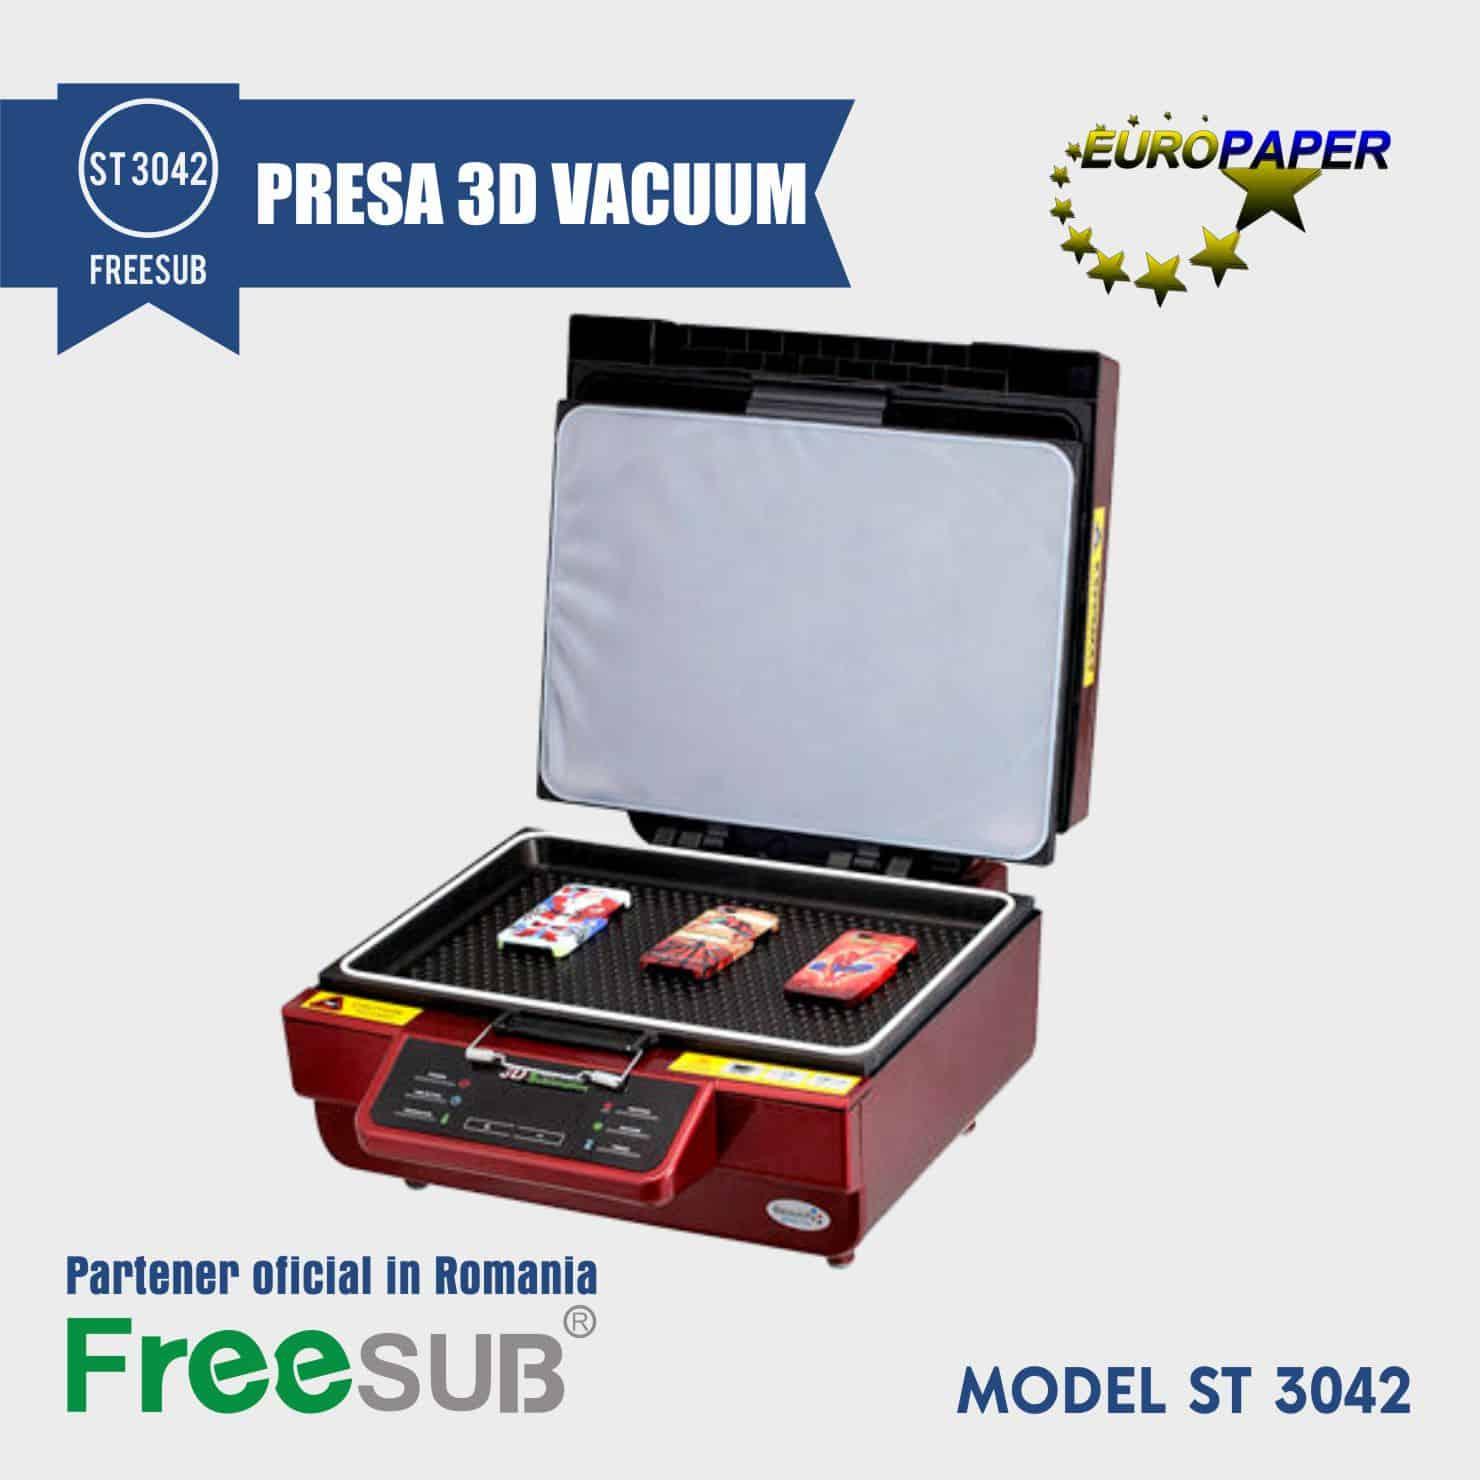 PRESA SUBLIMARE 3D VACUUM